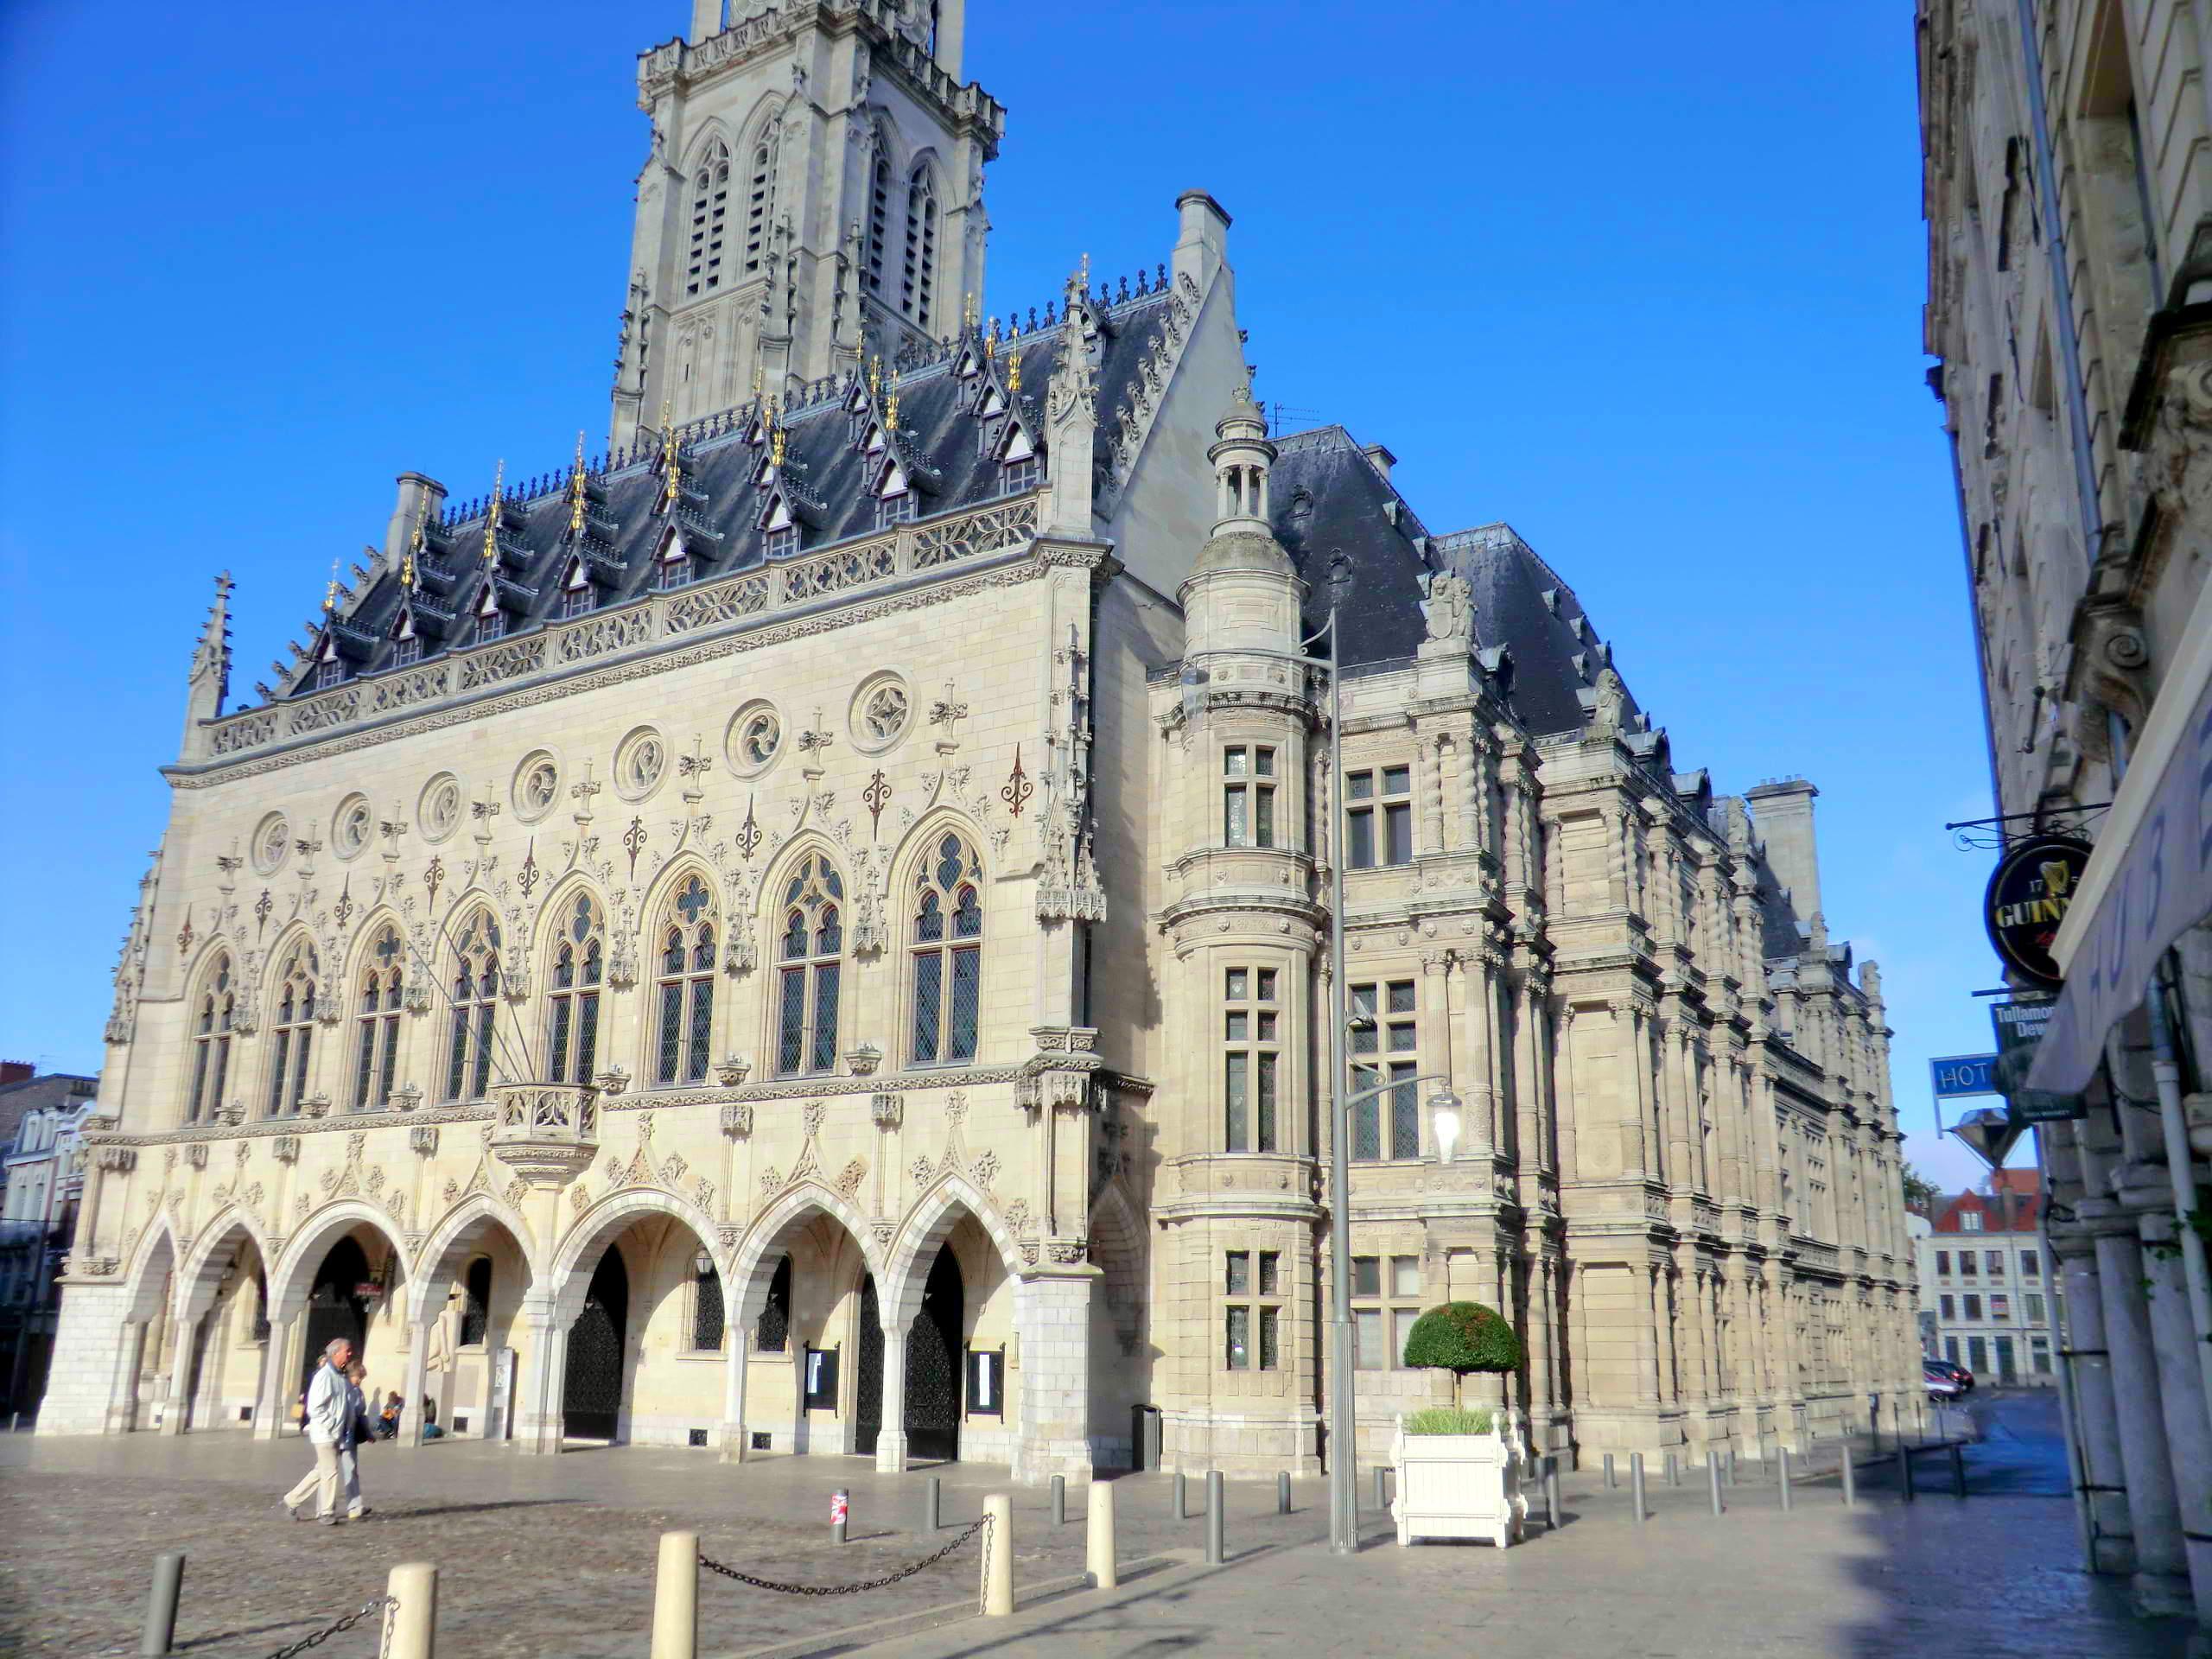 Arras City